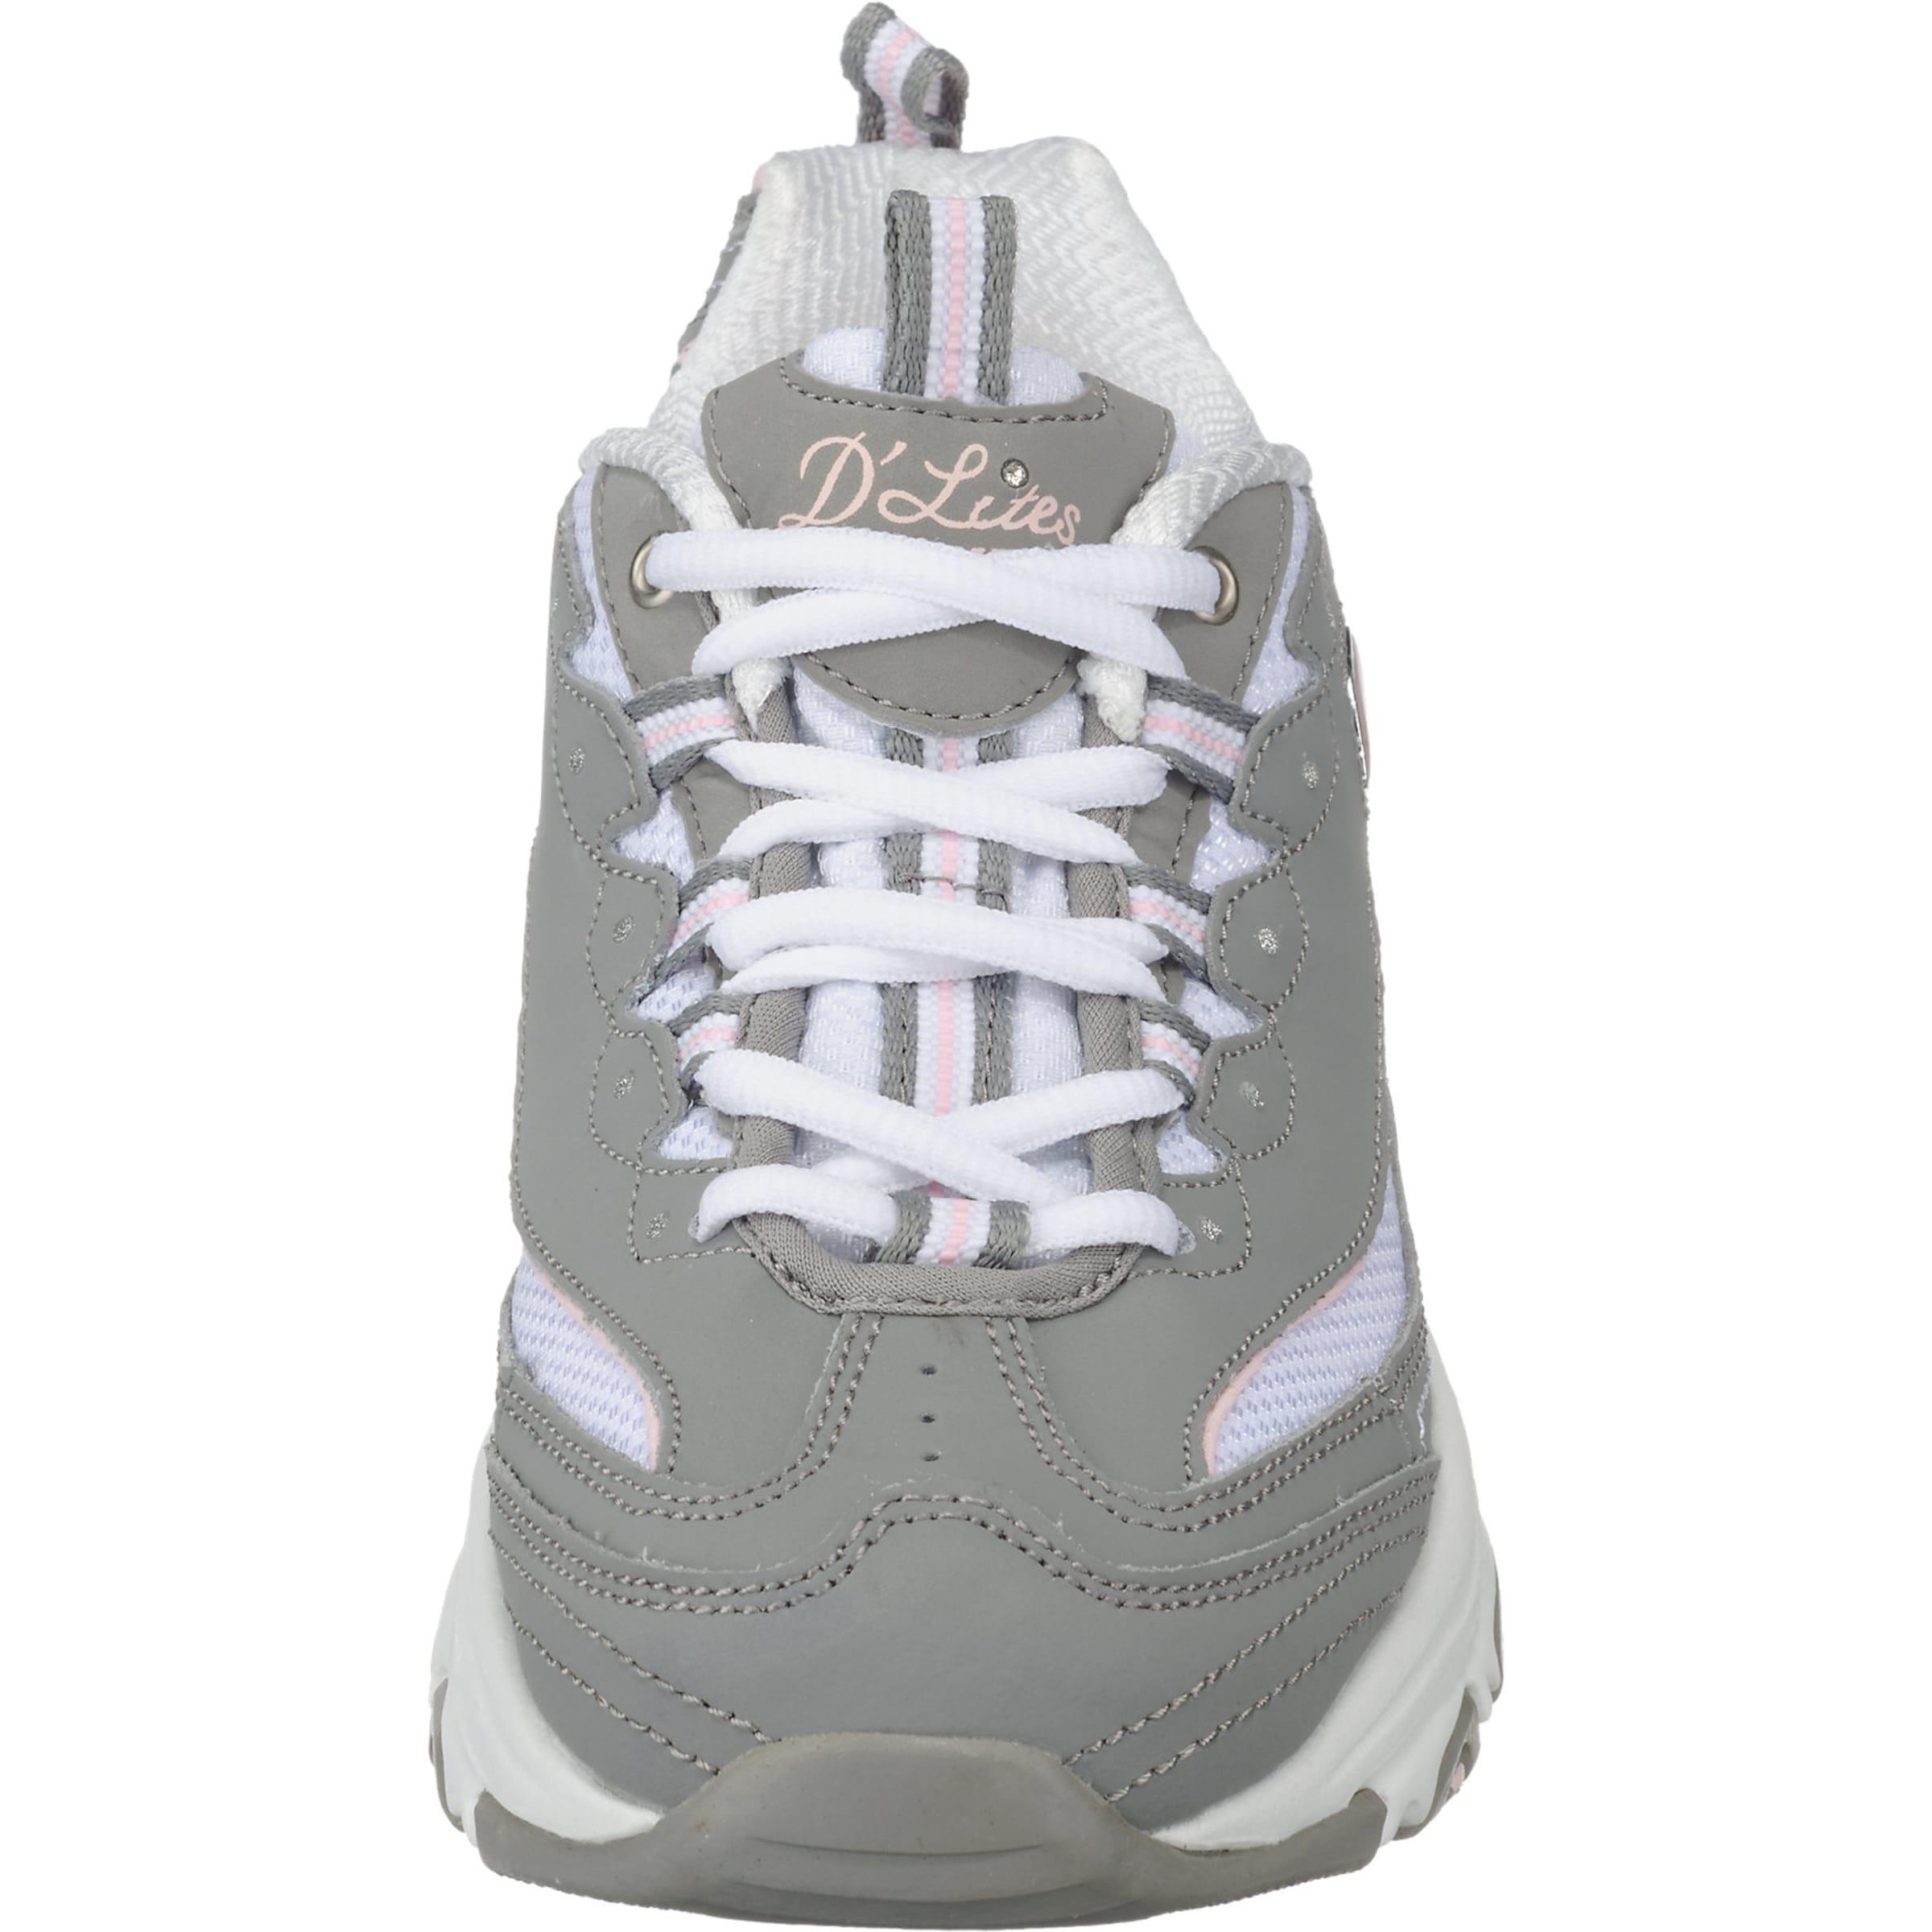 SKECHERS D'Lites Biggest Fan Sneakers Low Günstig Kaufen Amazon Steckdose Billigsten Günstiger Preis In Deutschland Verkauf Fabrikverkauf 4l6jAGOZY